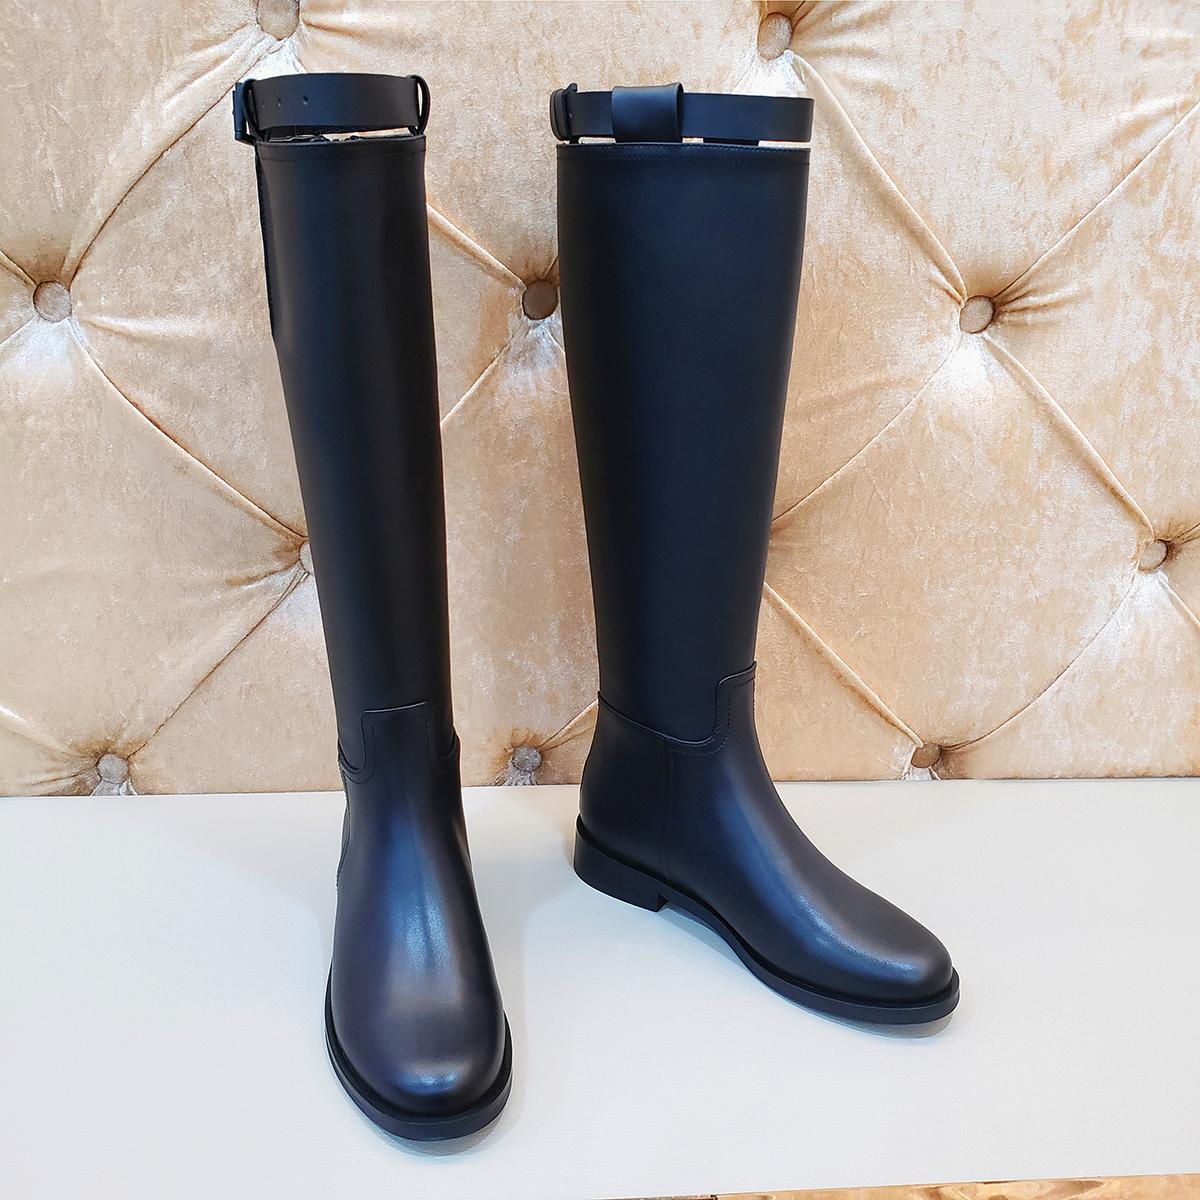 全牛皮~ANN骑士靴真皮平底高筒靴网红长靴不过膝靴长筒马靴女皮靴